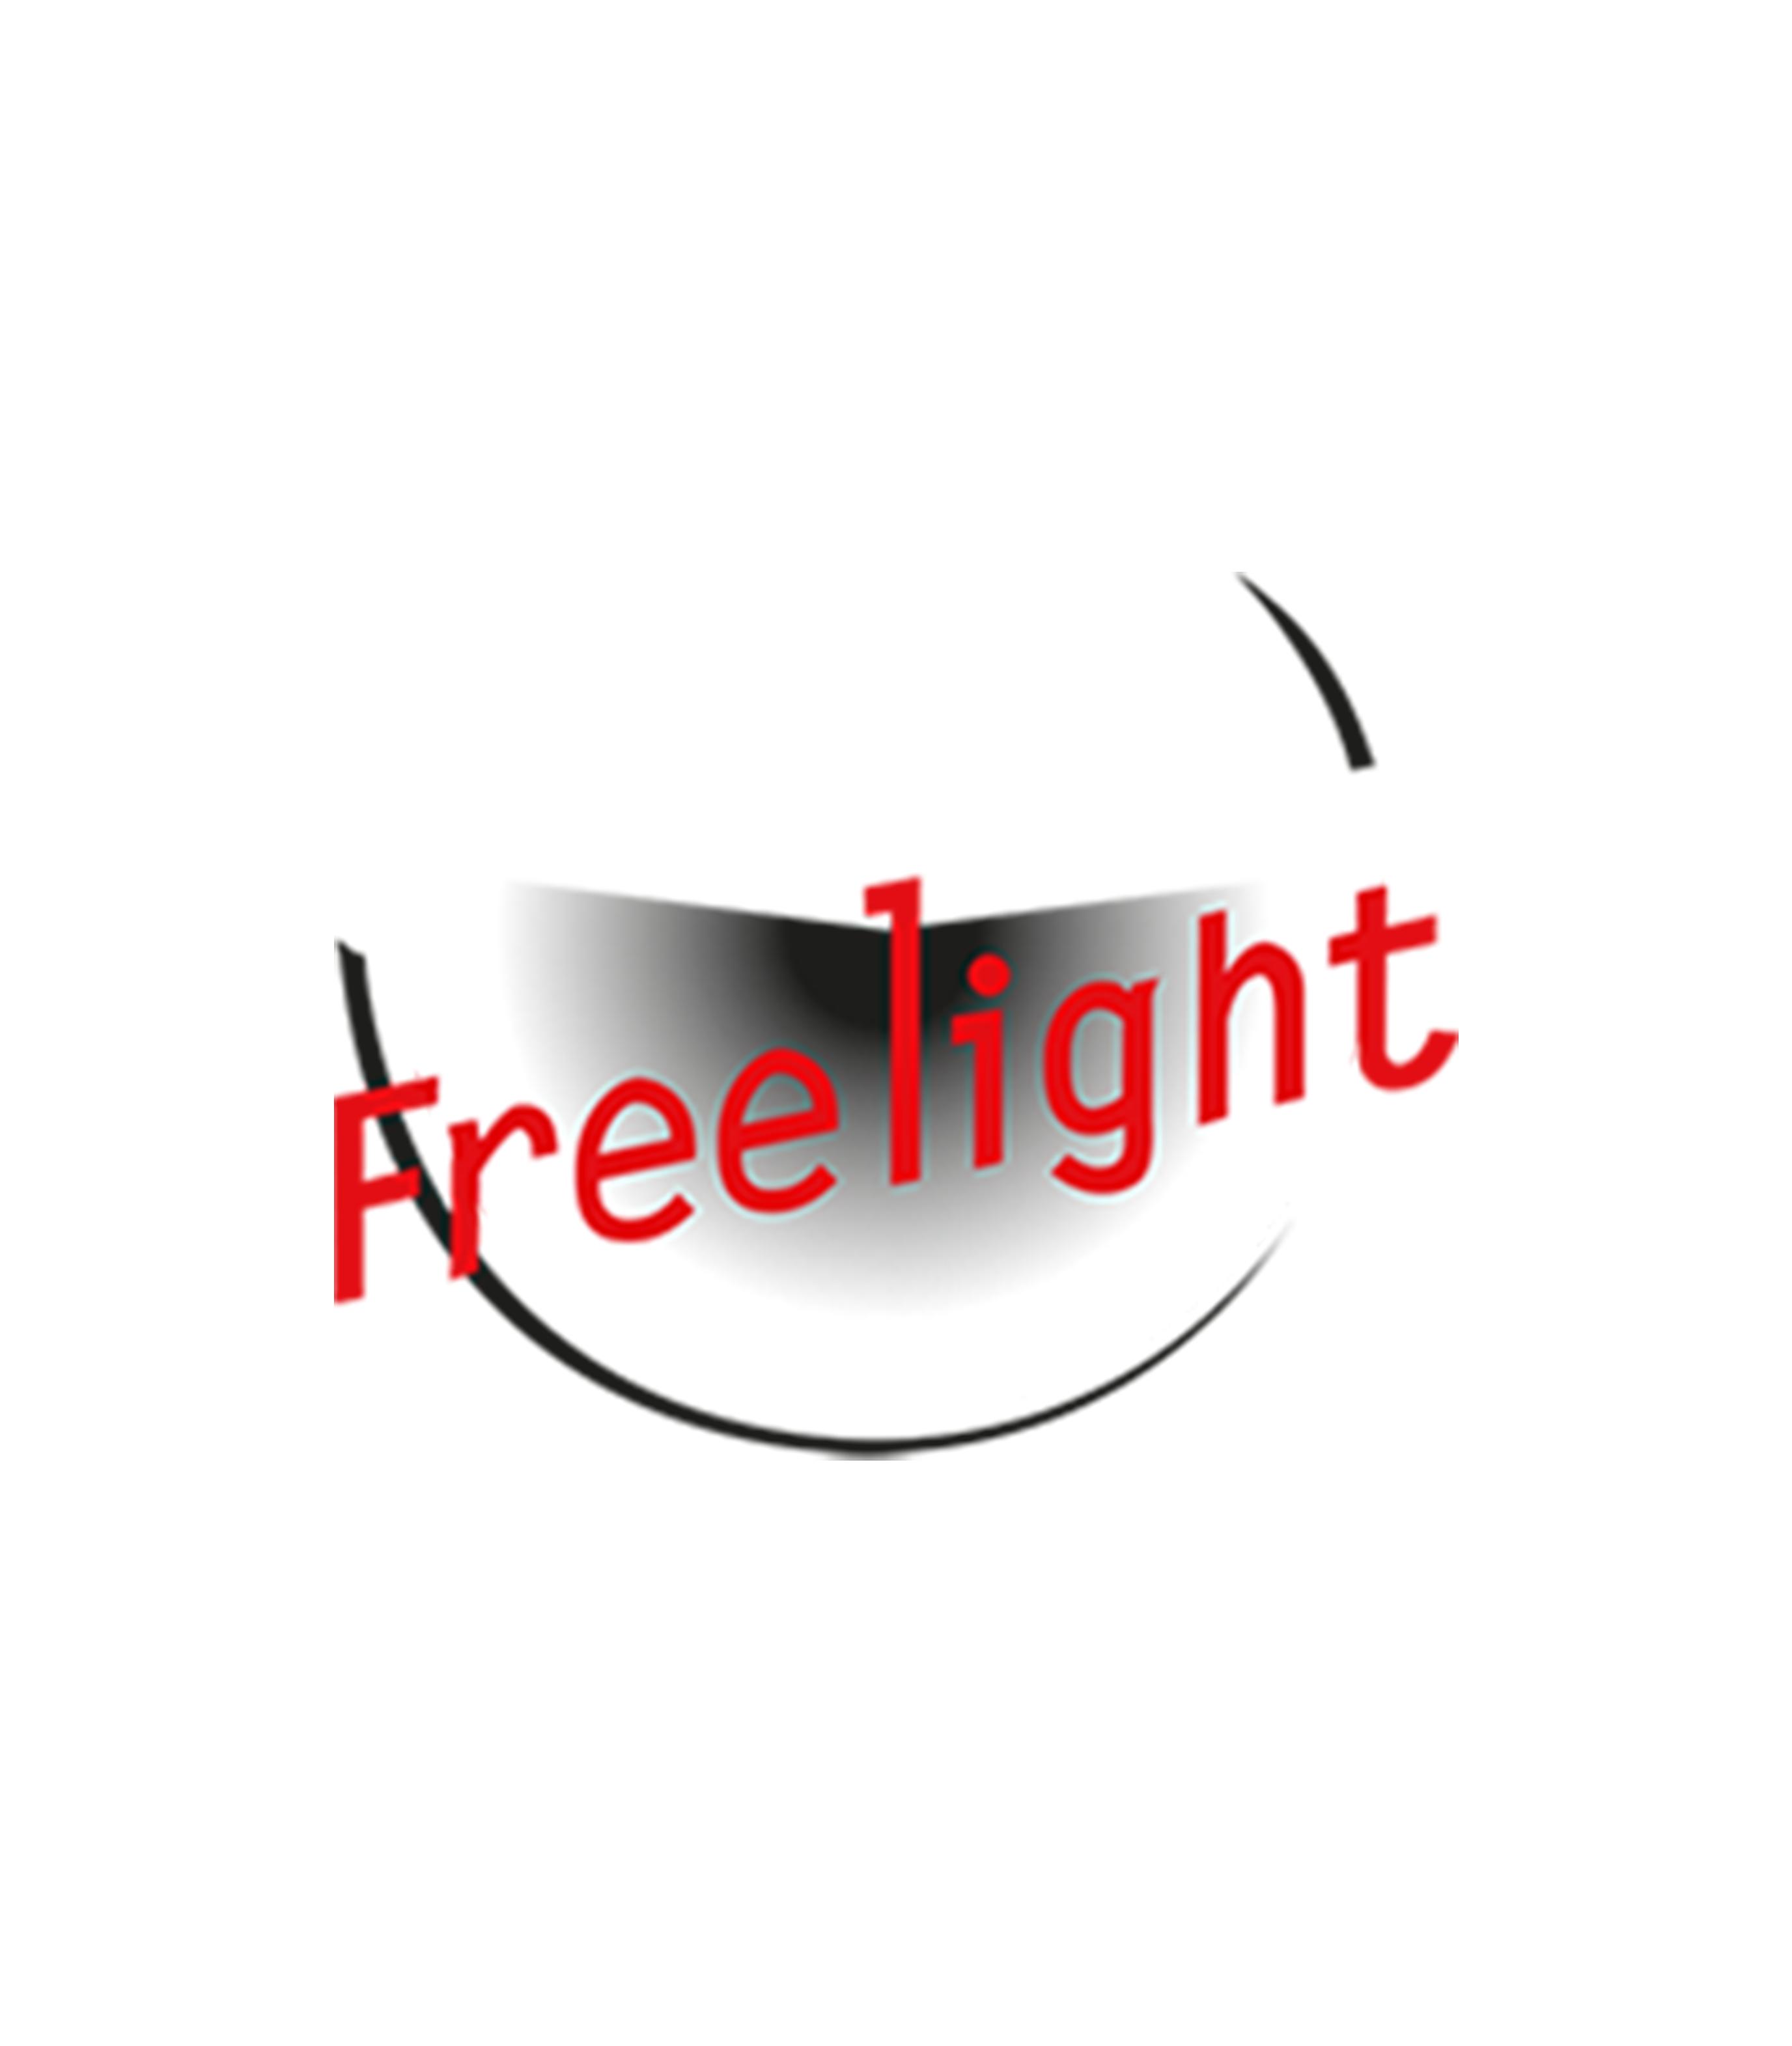 Freelight verlichting logo